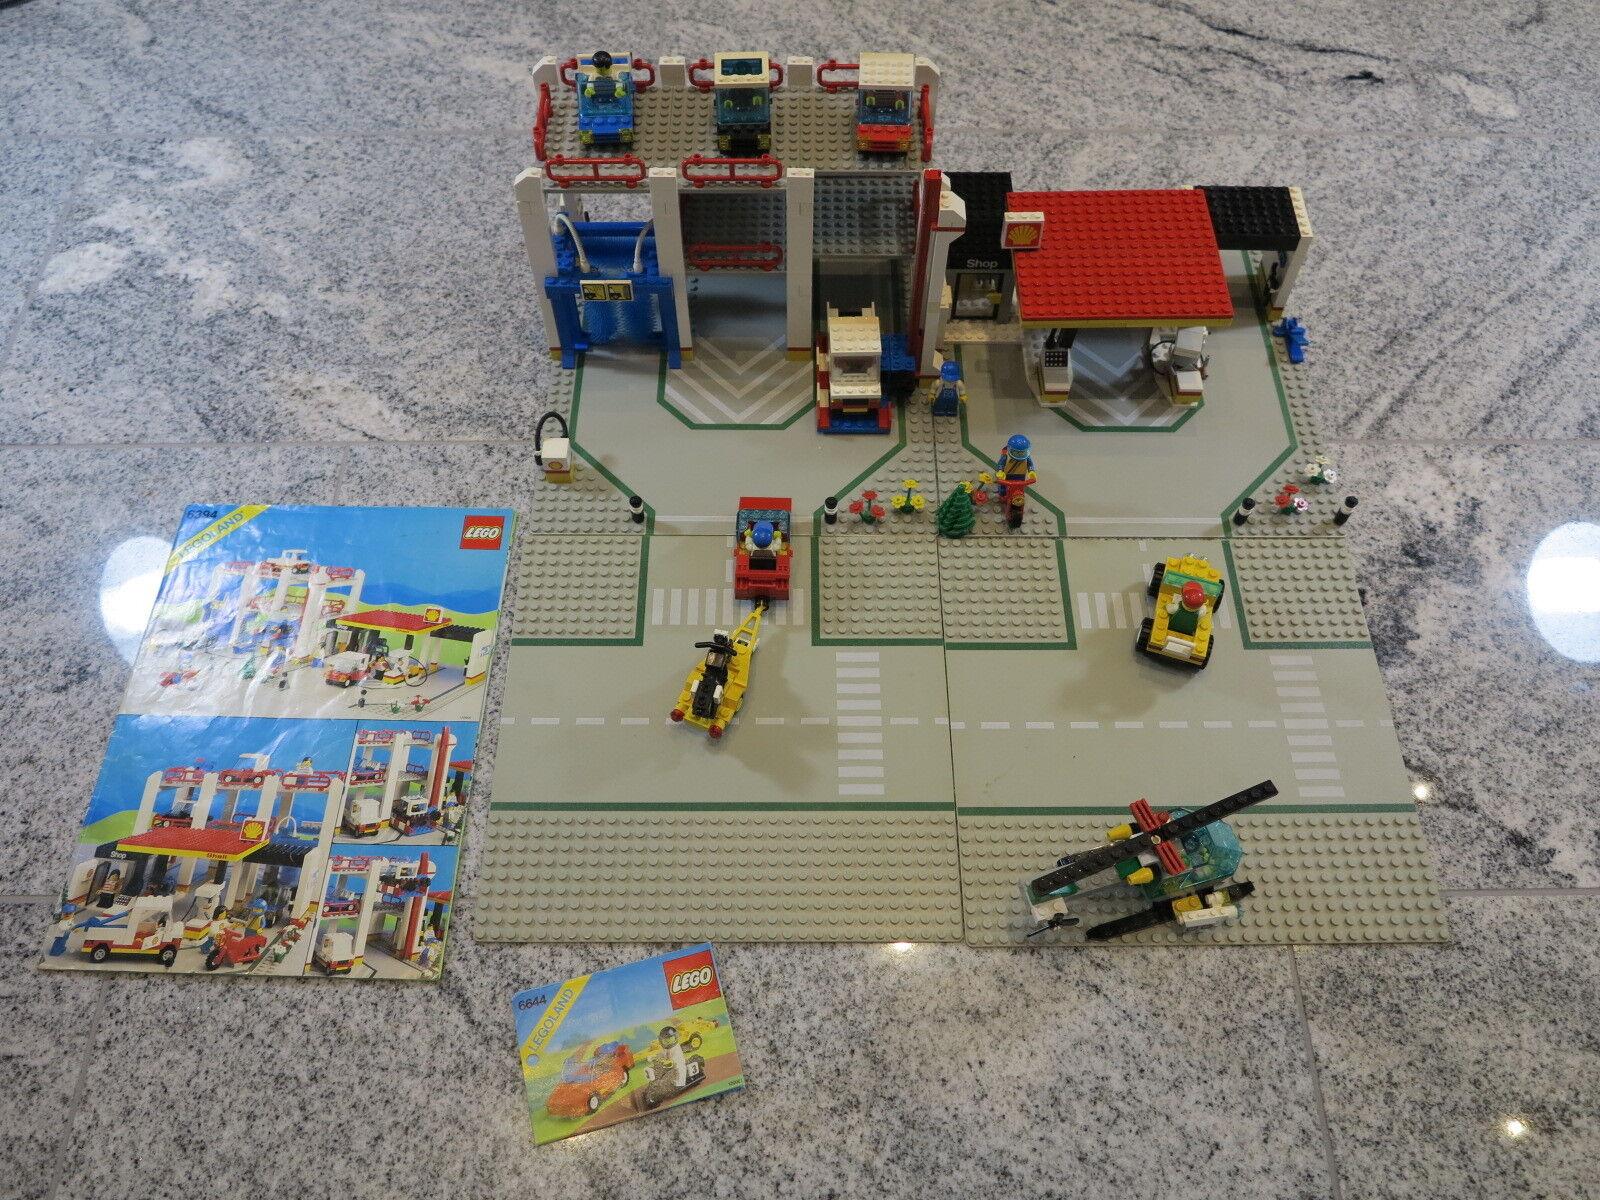 100% di contro garanzia genuina LEGO LEGOLe 6394+6425+6644 parcheggio, Stazione di Servizio, Elicottero + + + piastre + OBA ecc.  la migliore selezione di